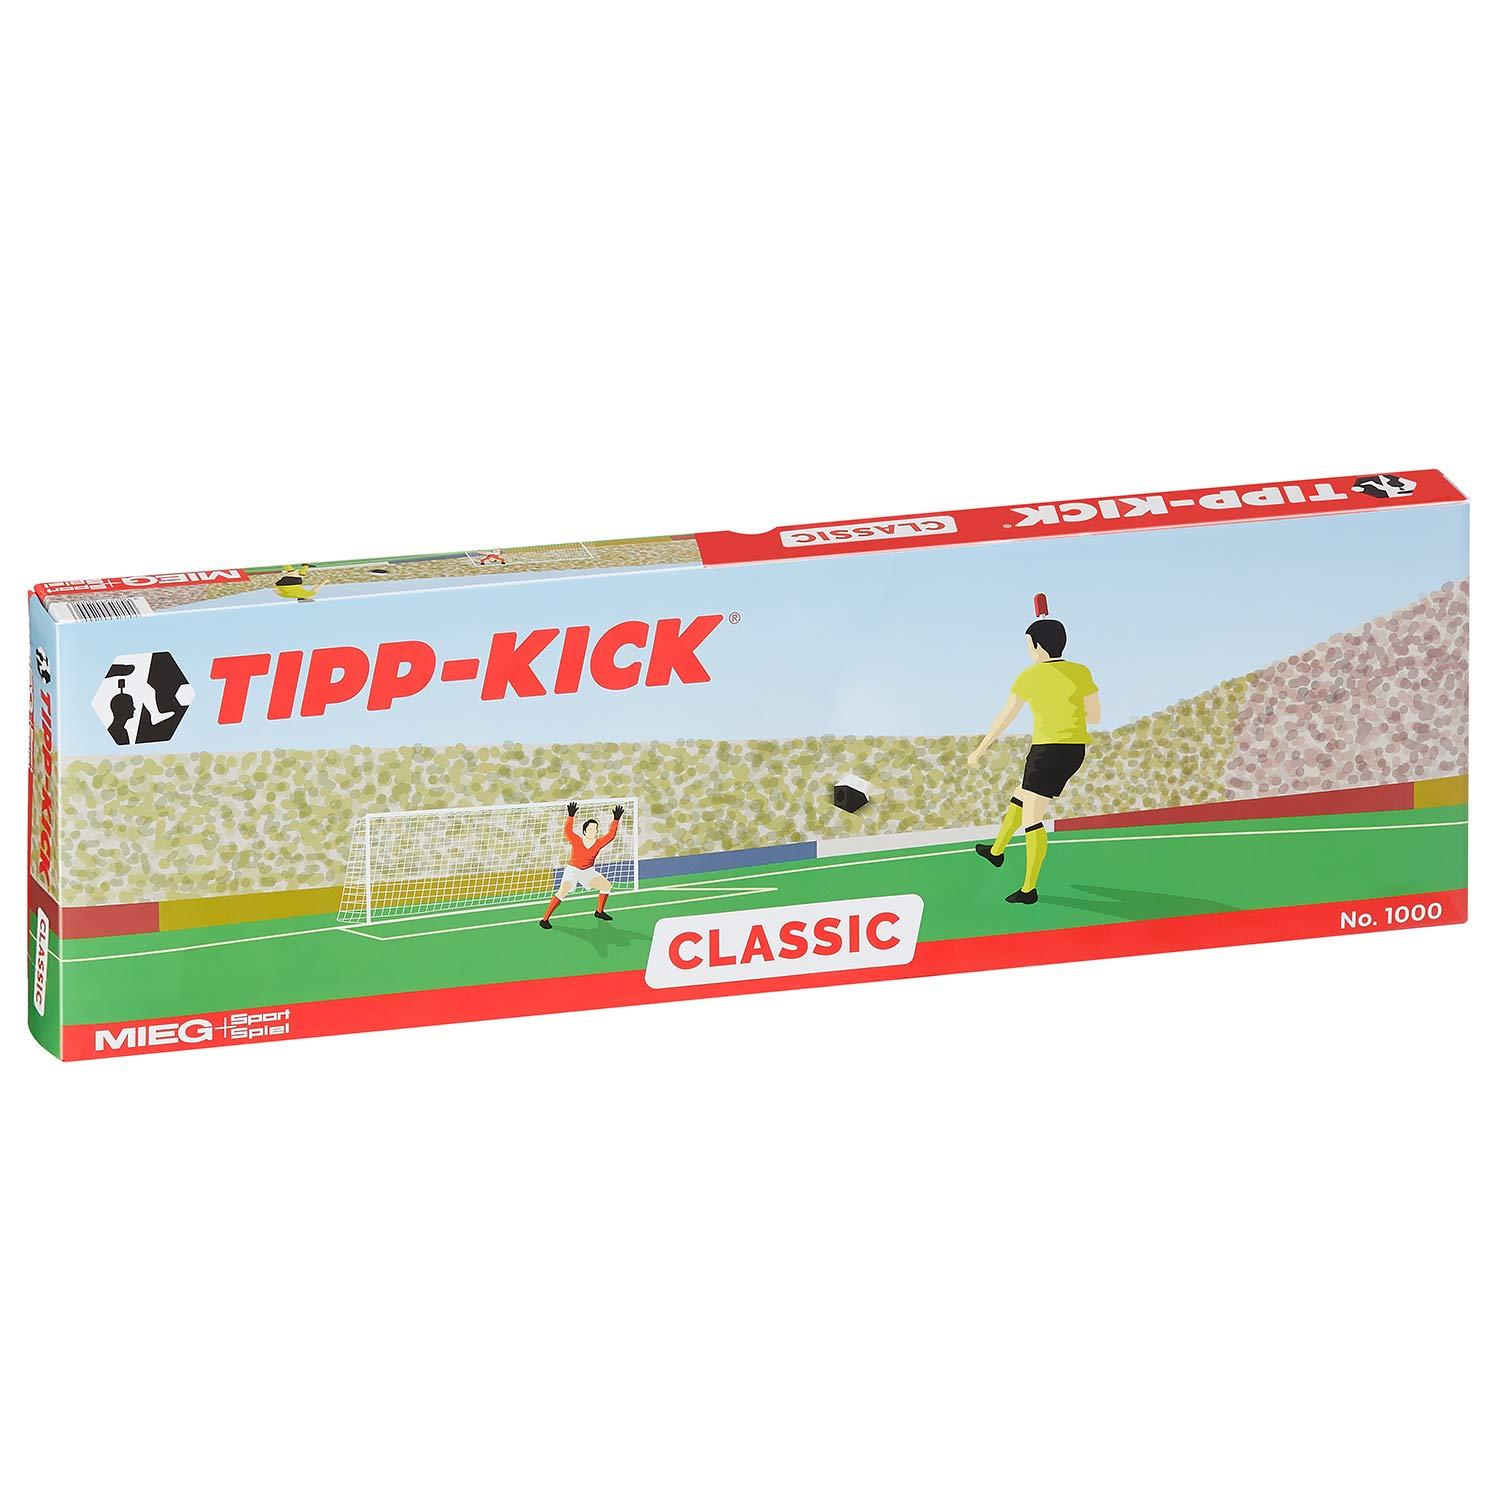 Tipp-kick Classic by Tipp-Kick